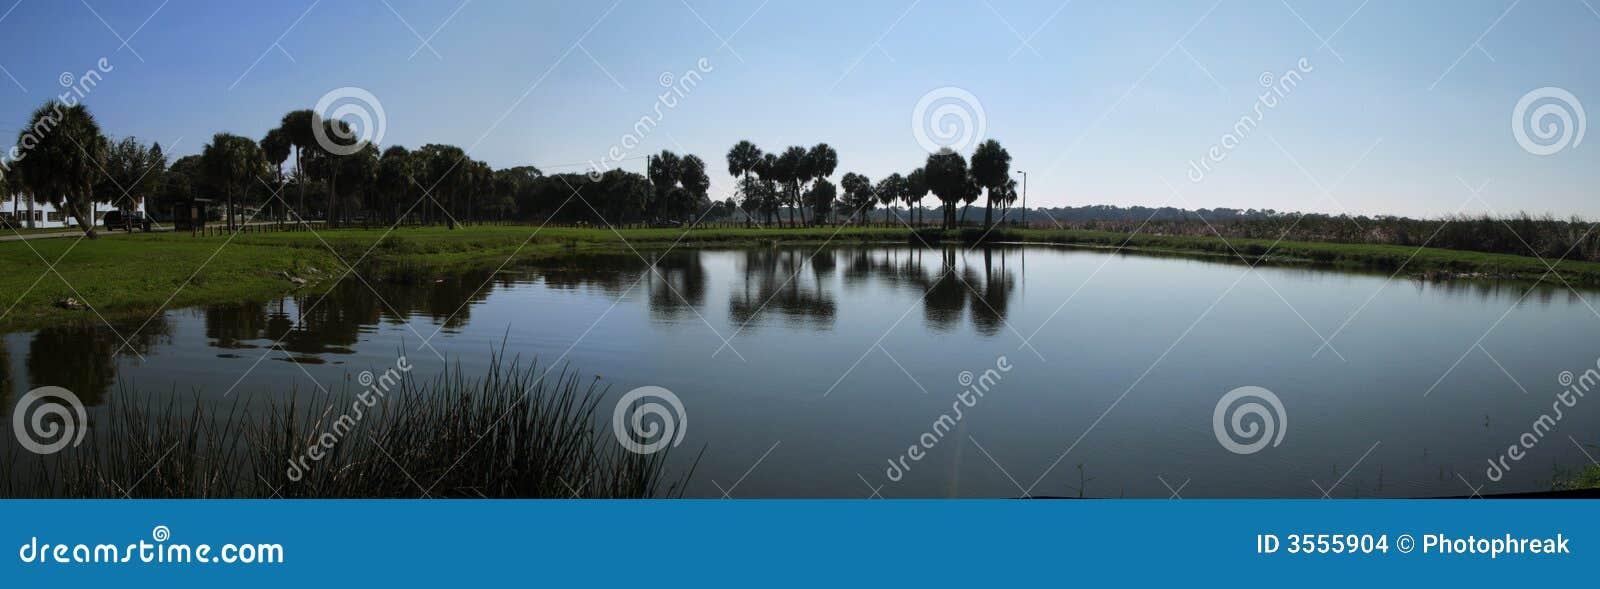 Panorama del lago florida